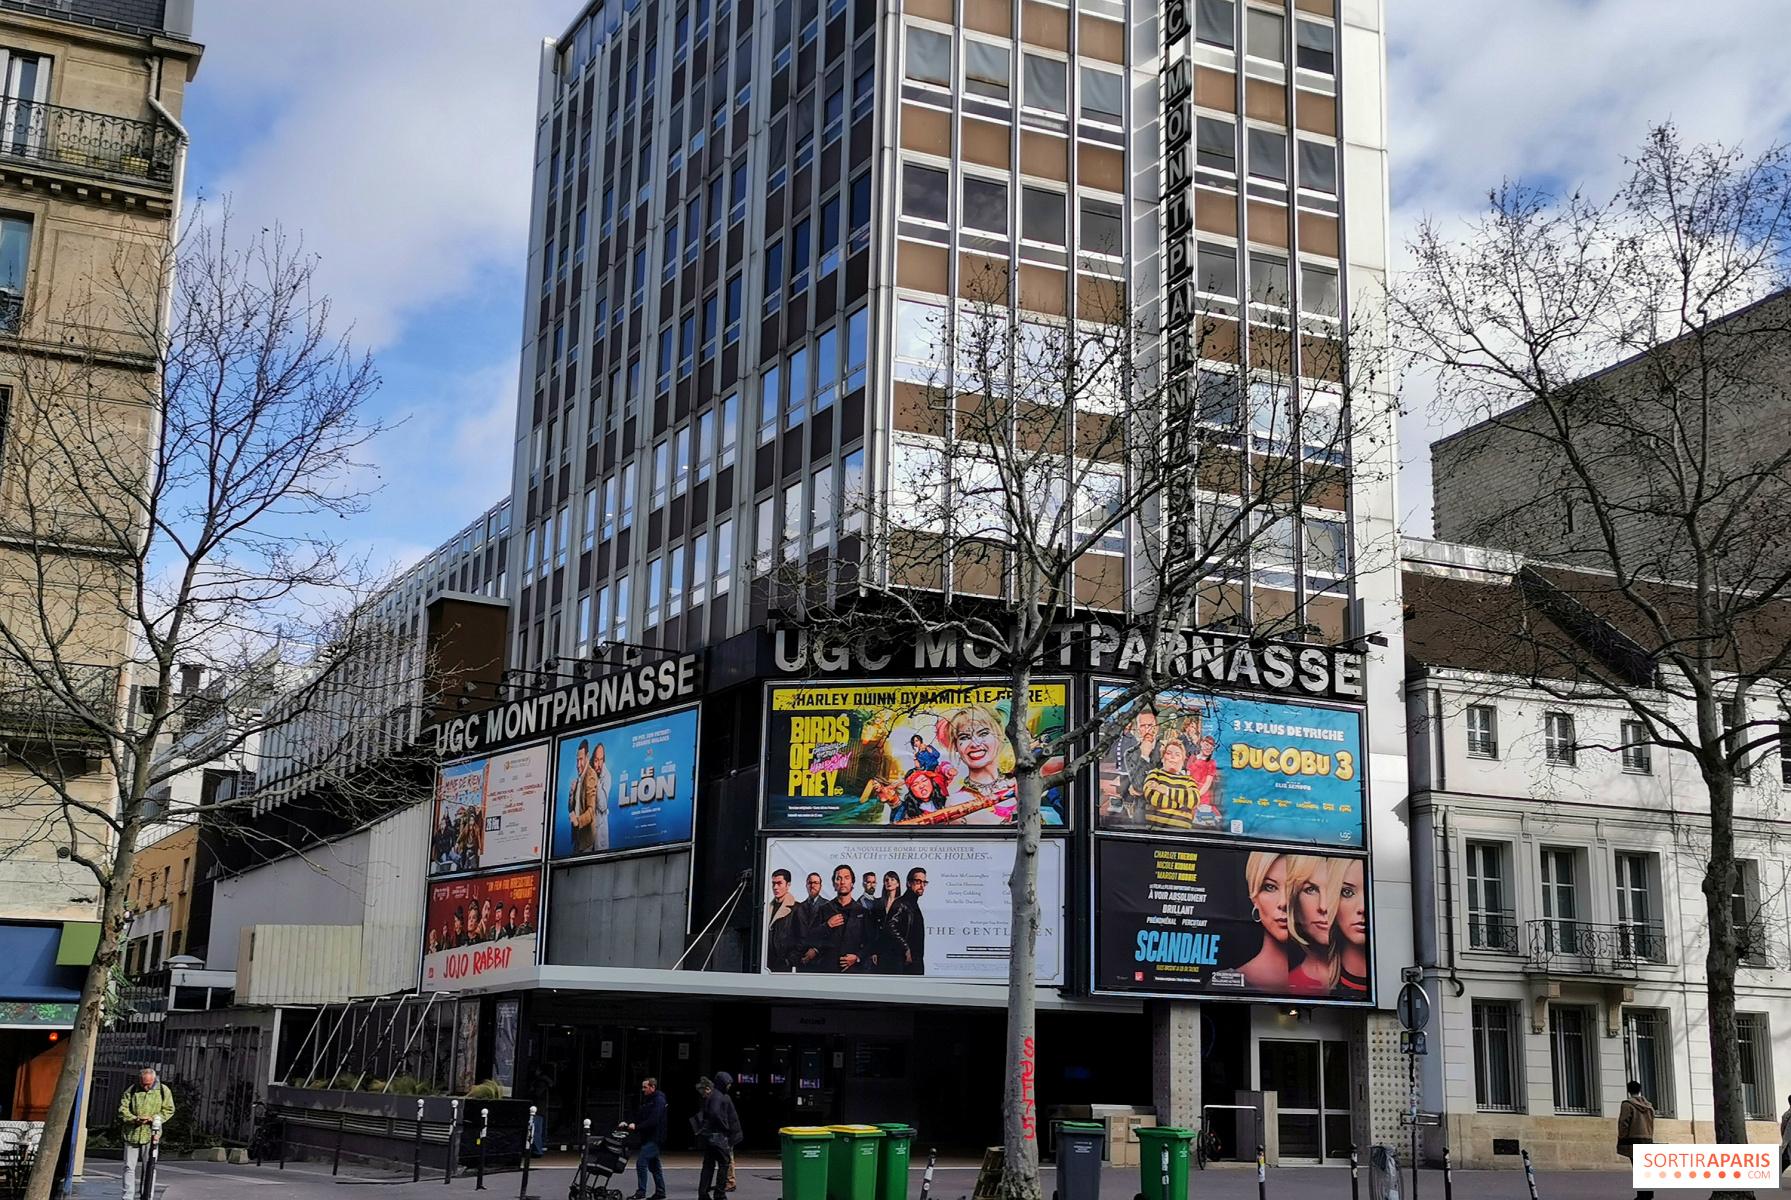 Le cinéma UGC Montparnasse - Sortiraparis.com